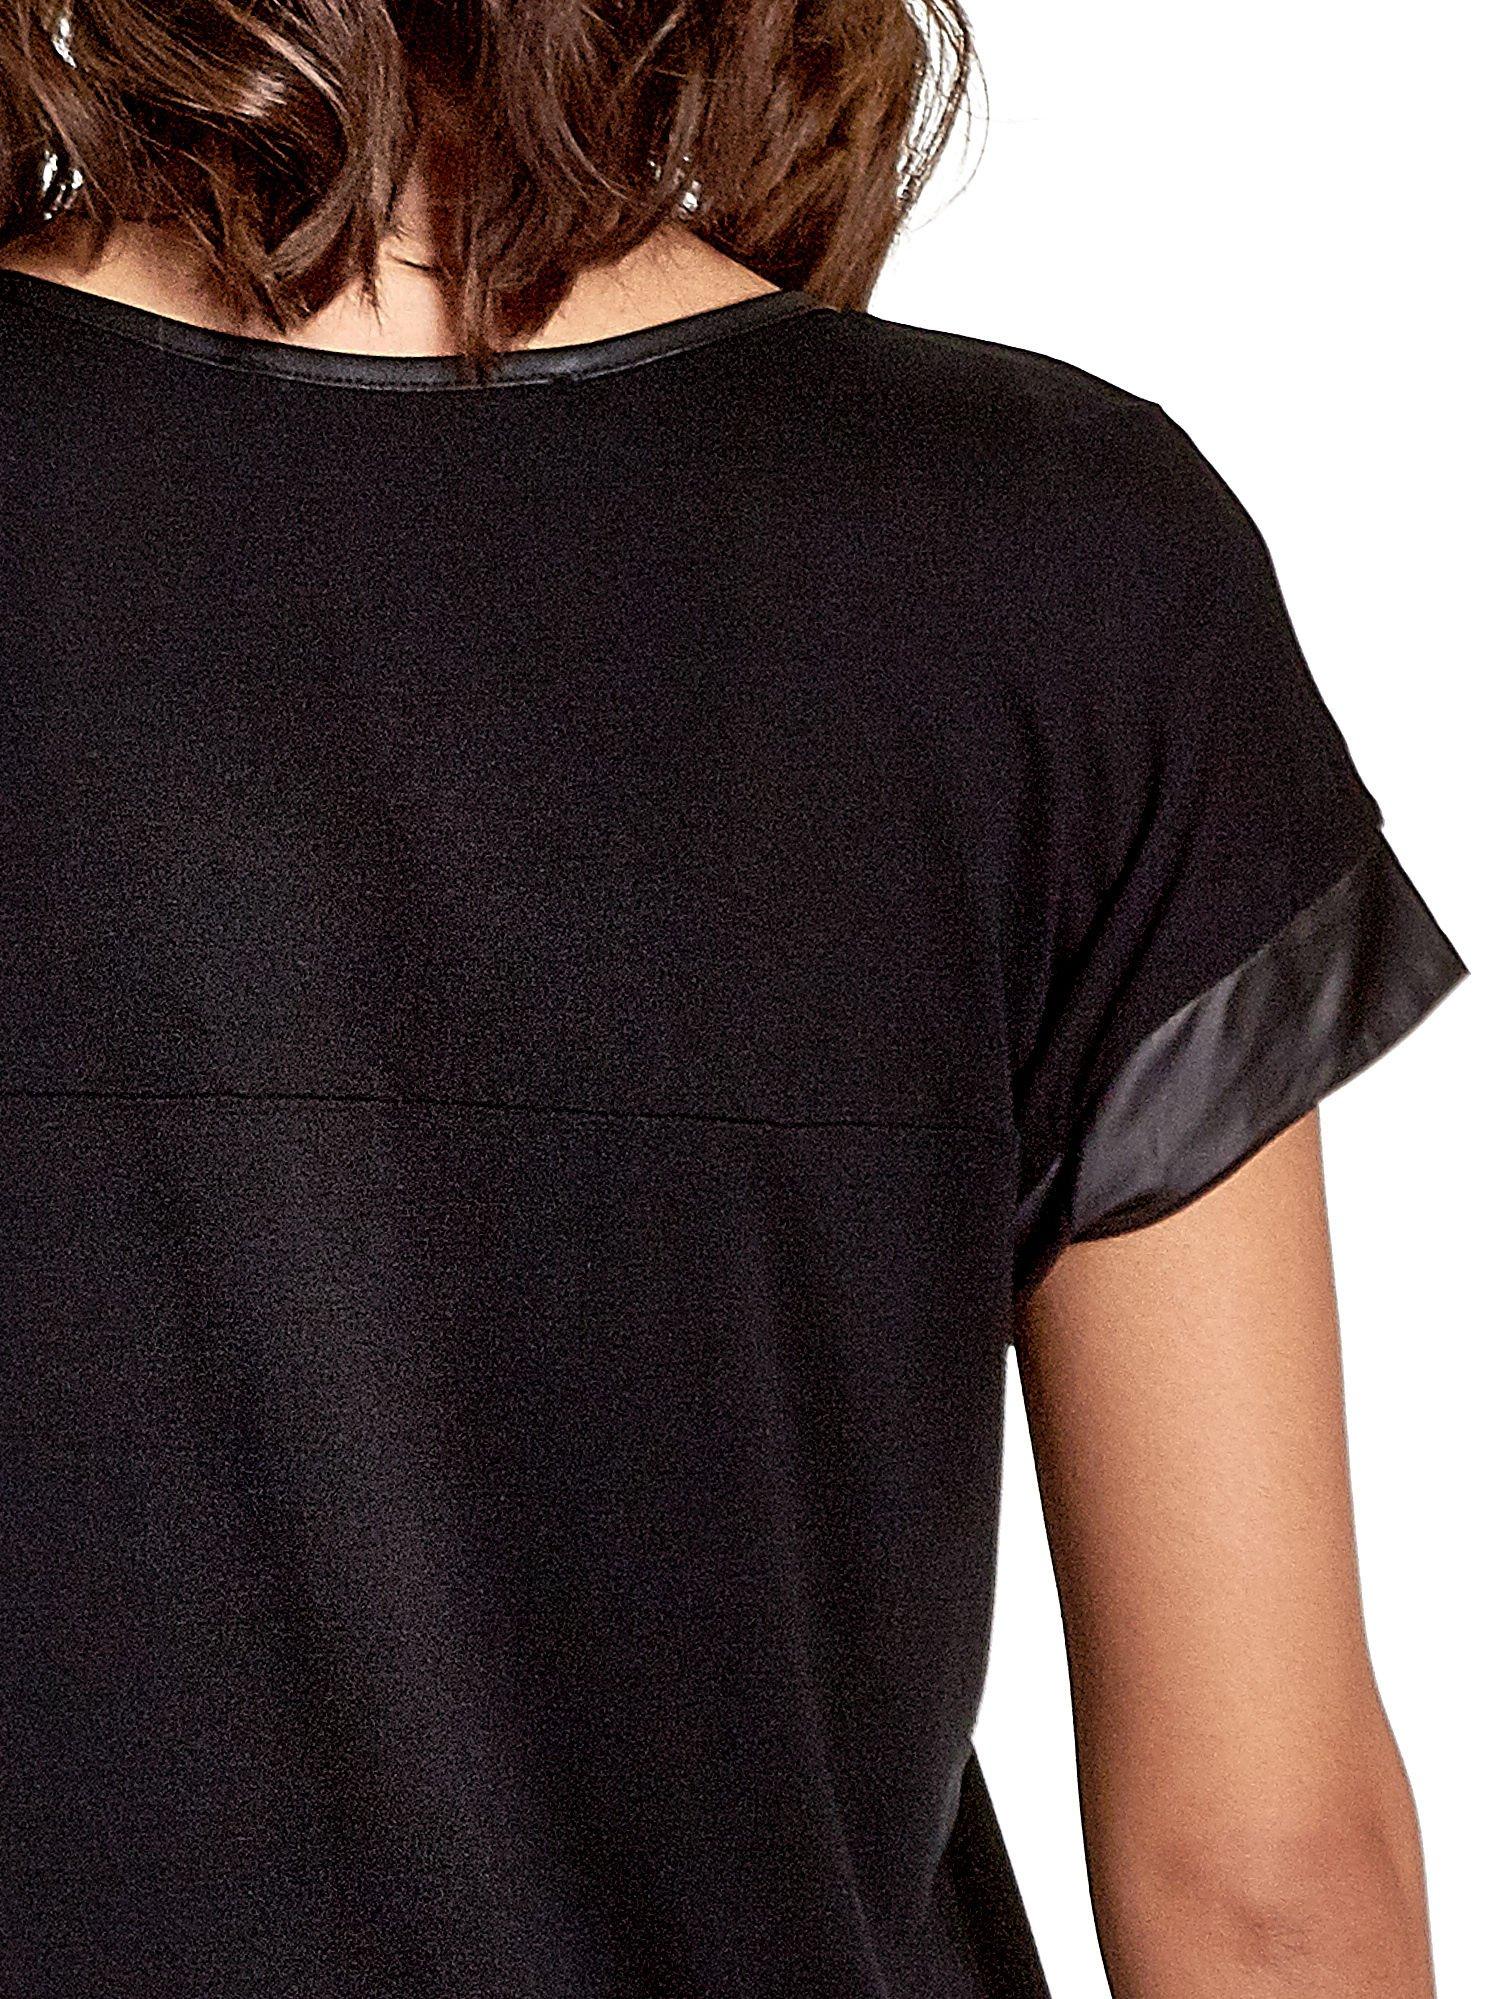 Czarny t-shirt z fotografią w stylu vintage i skórzanymi wstawkami przy rękawach                                  zdj.                                  6